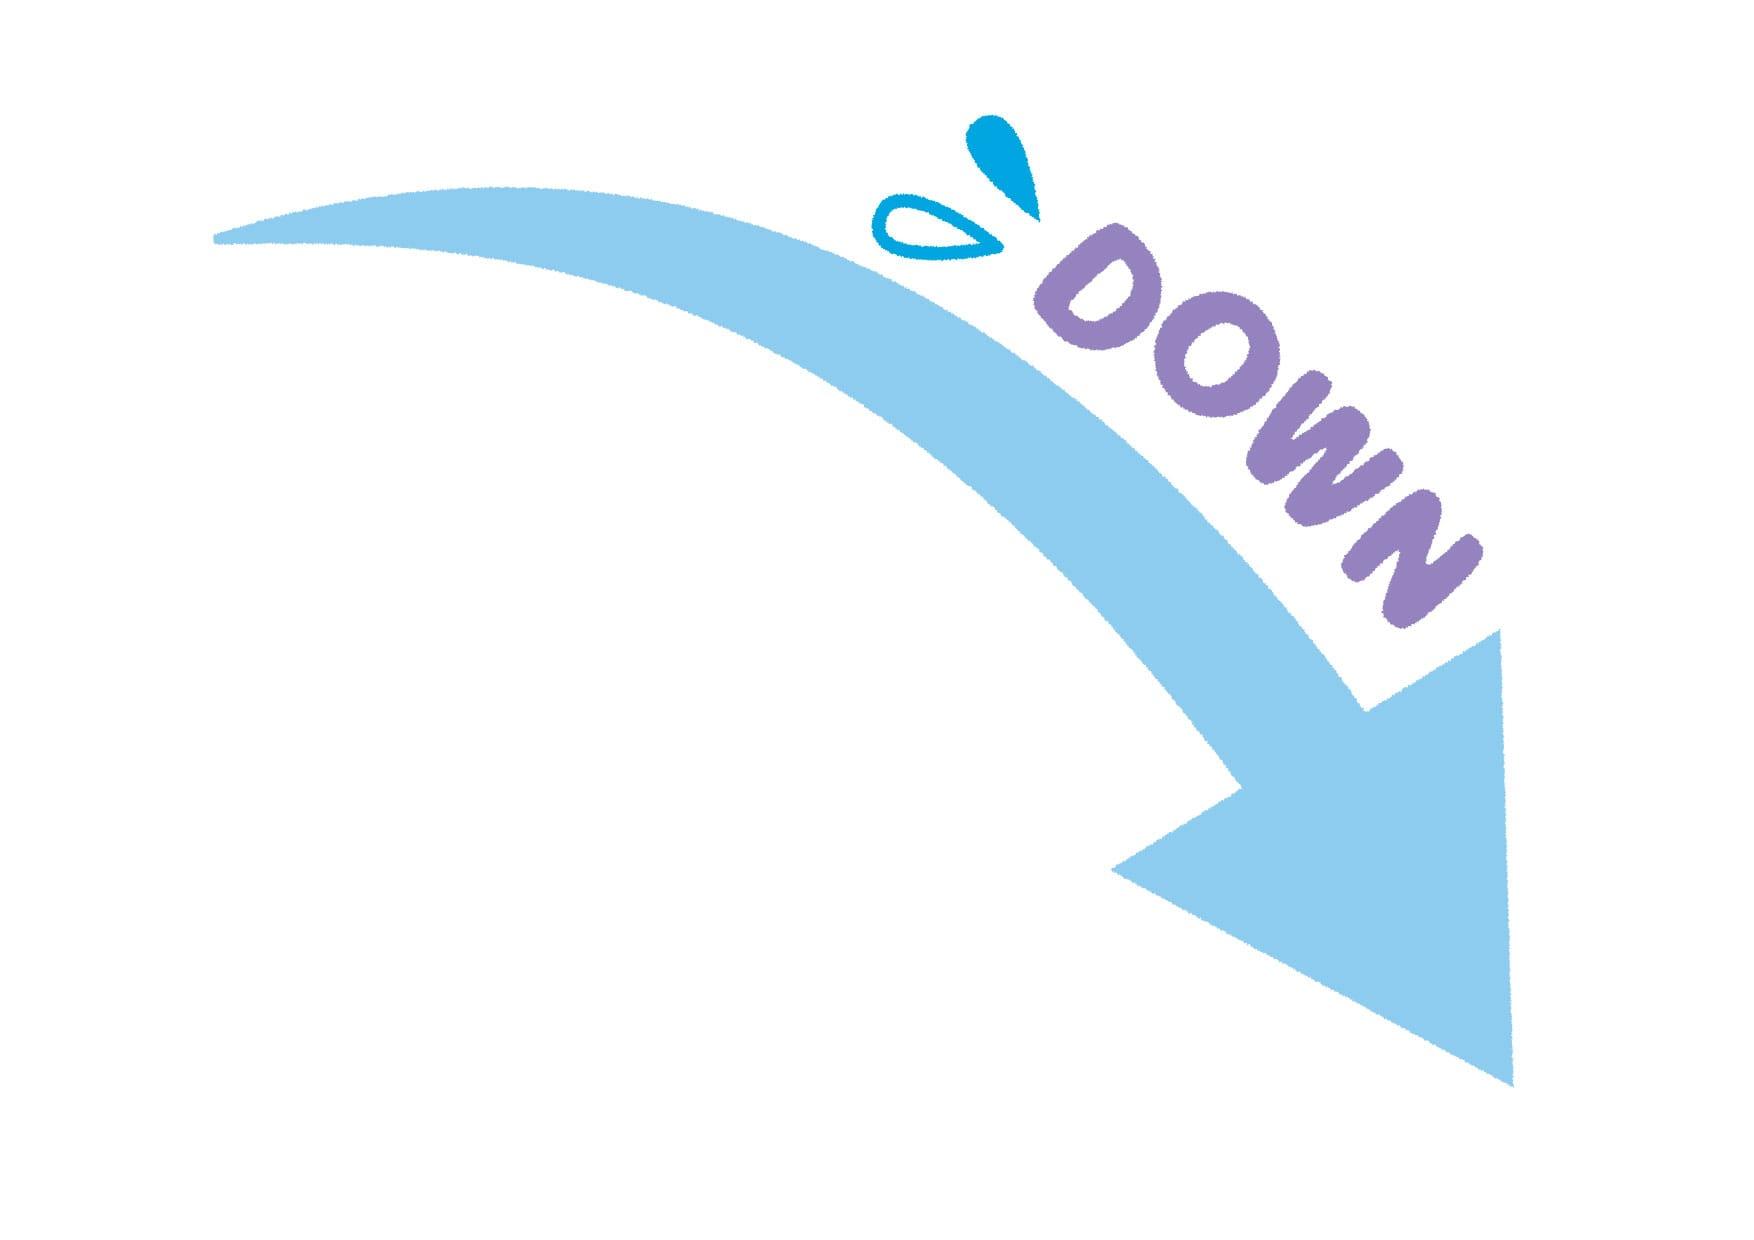 可愛いイラスト無料|矢印 DOWN 下降  水色 − free illustration  Arrow DOWN down light blue